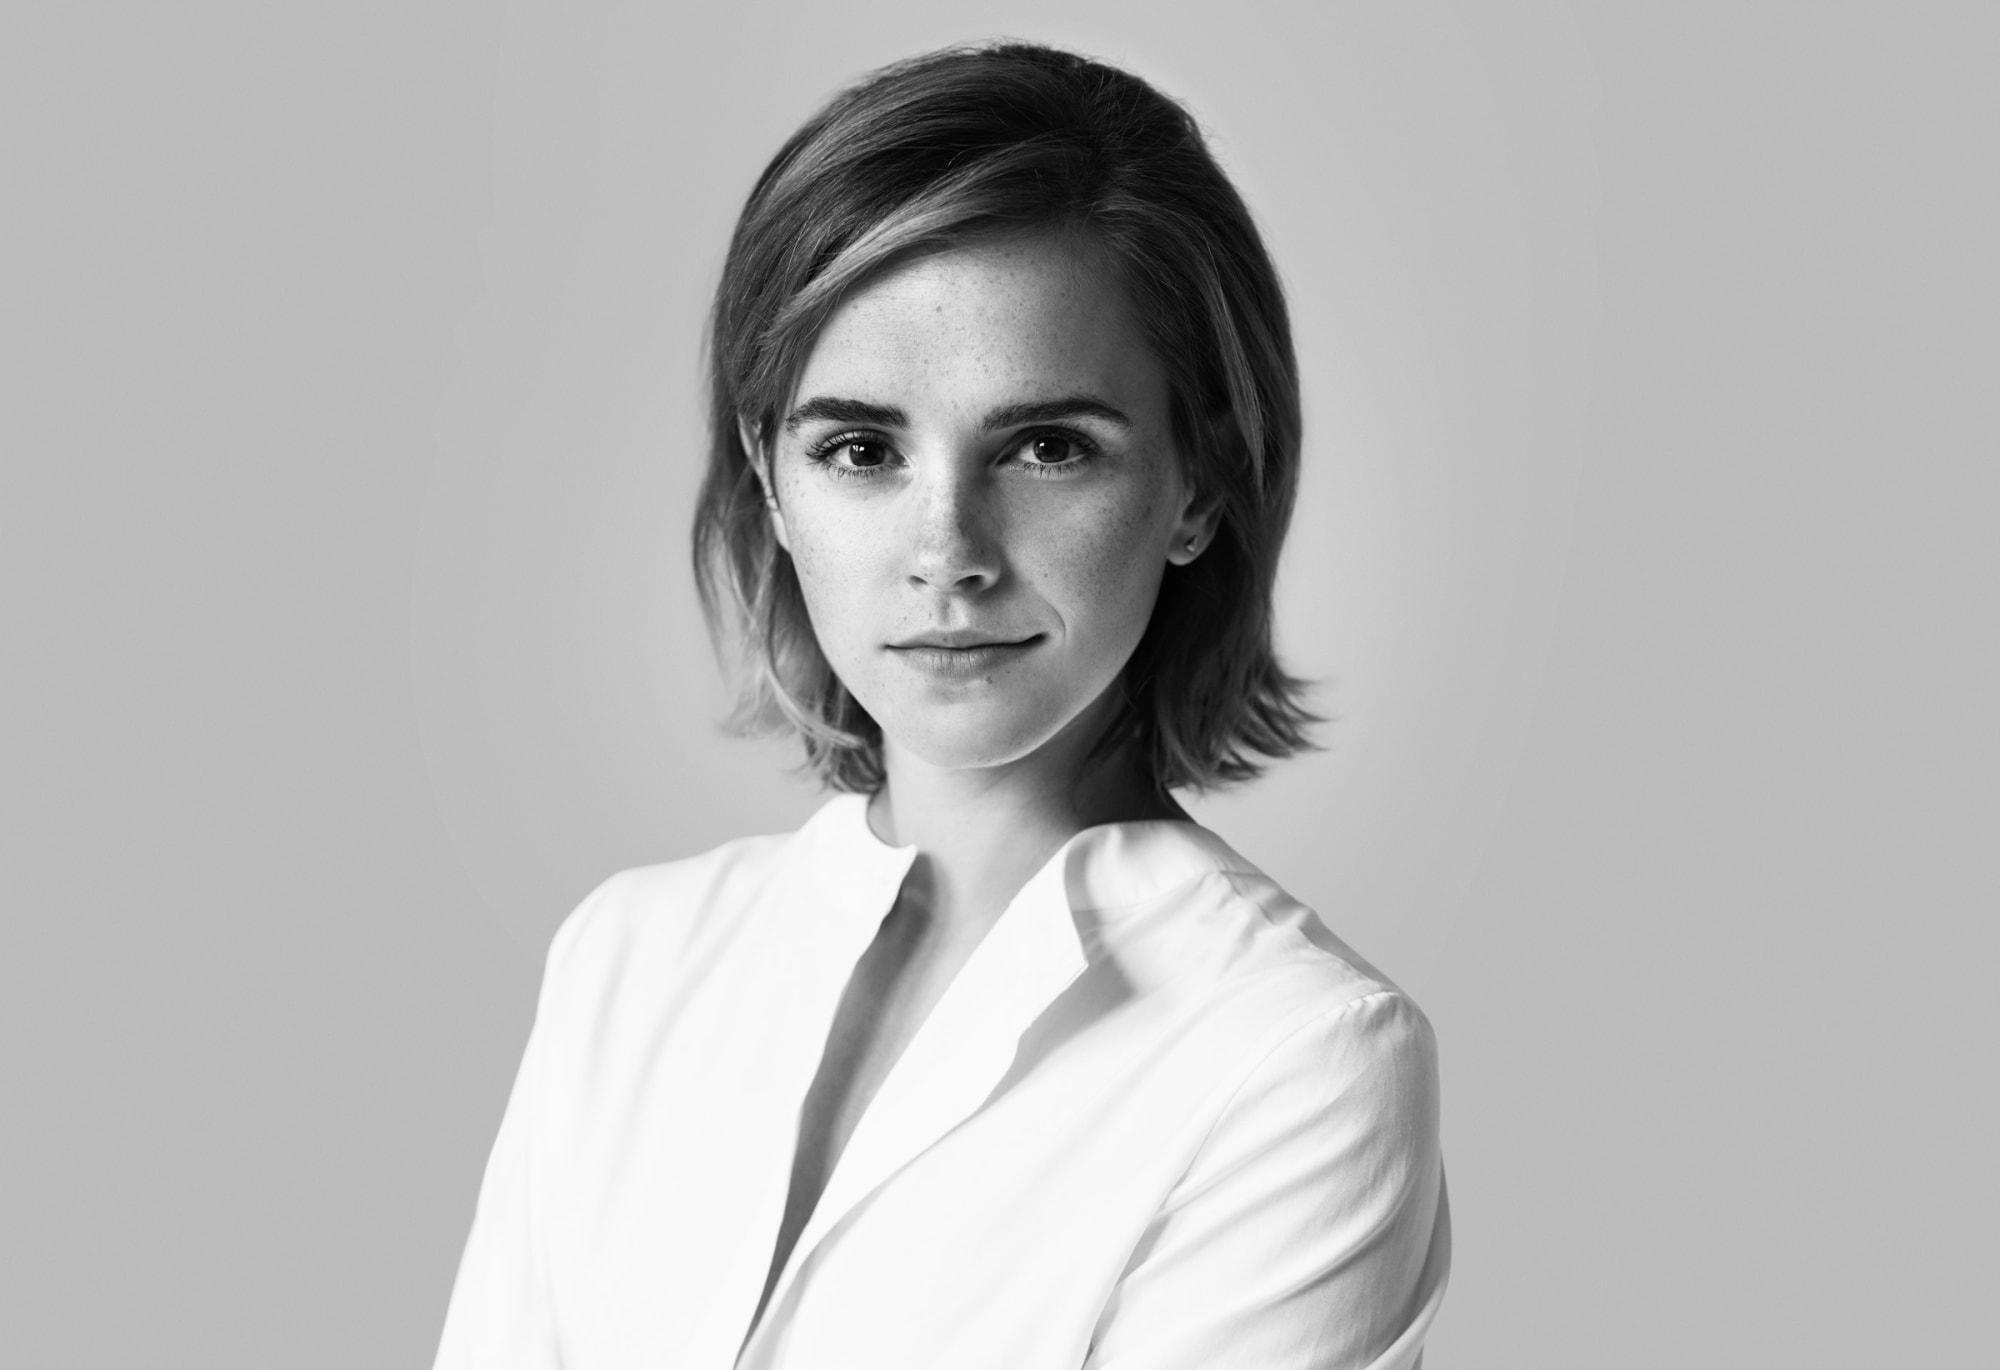 エマ・ワトソン(Emma Watson)